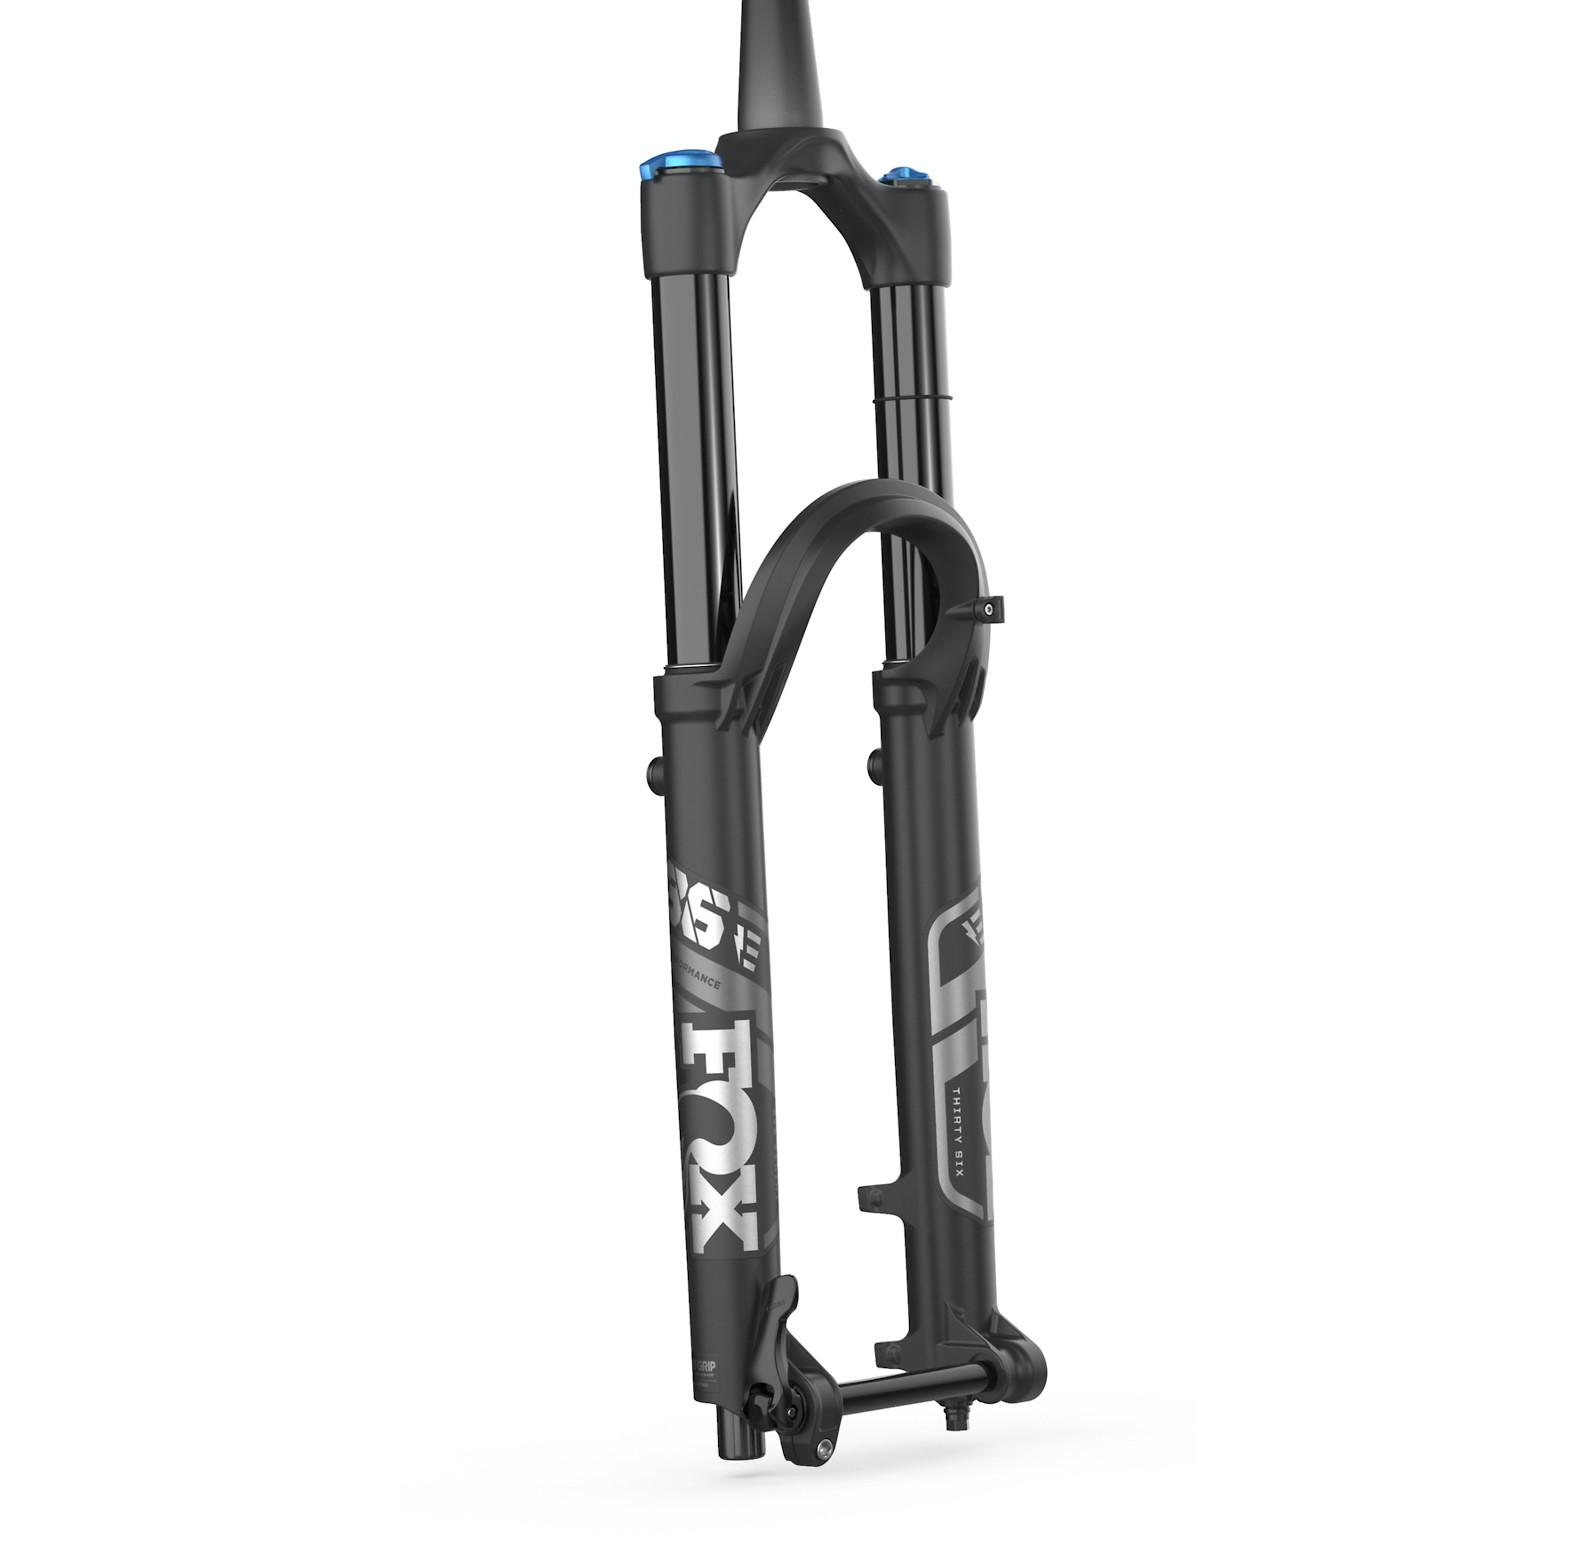 2021 FOX 36 E-Bike Performance GRIP Fork